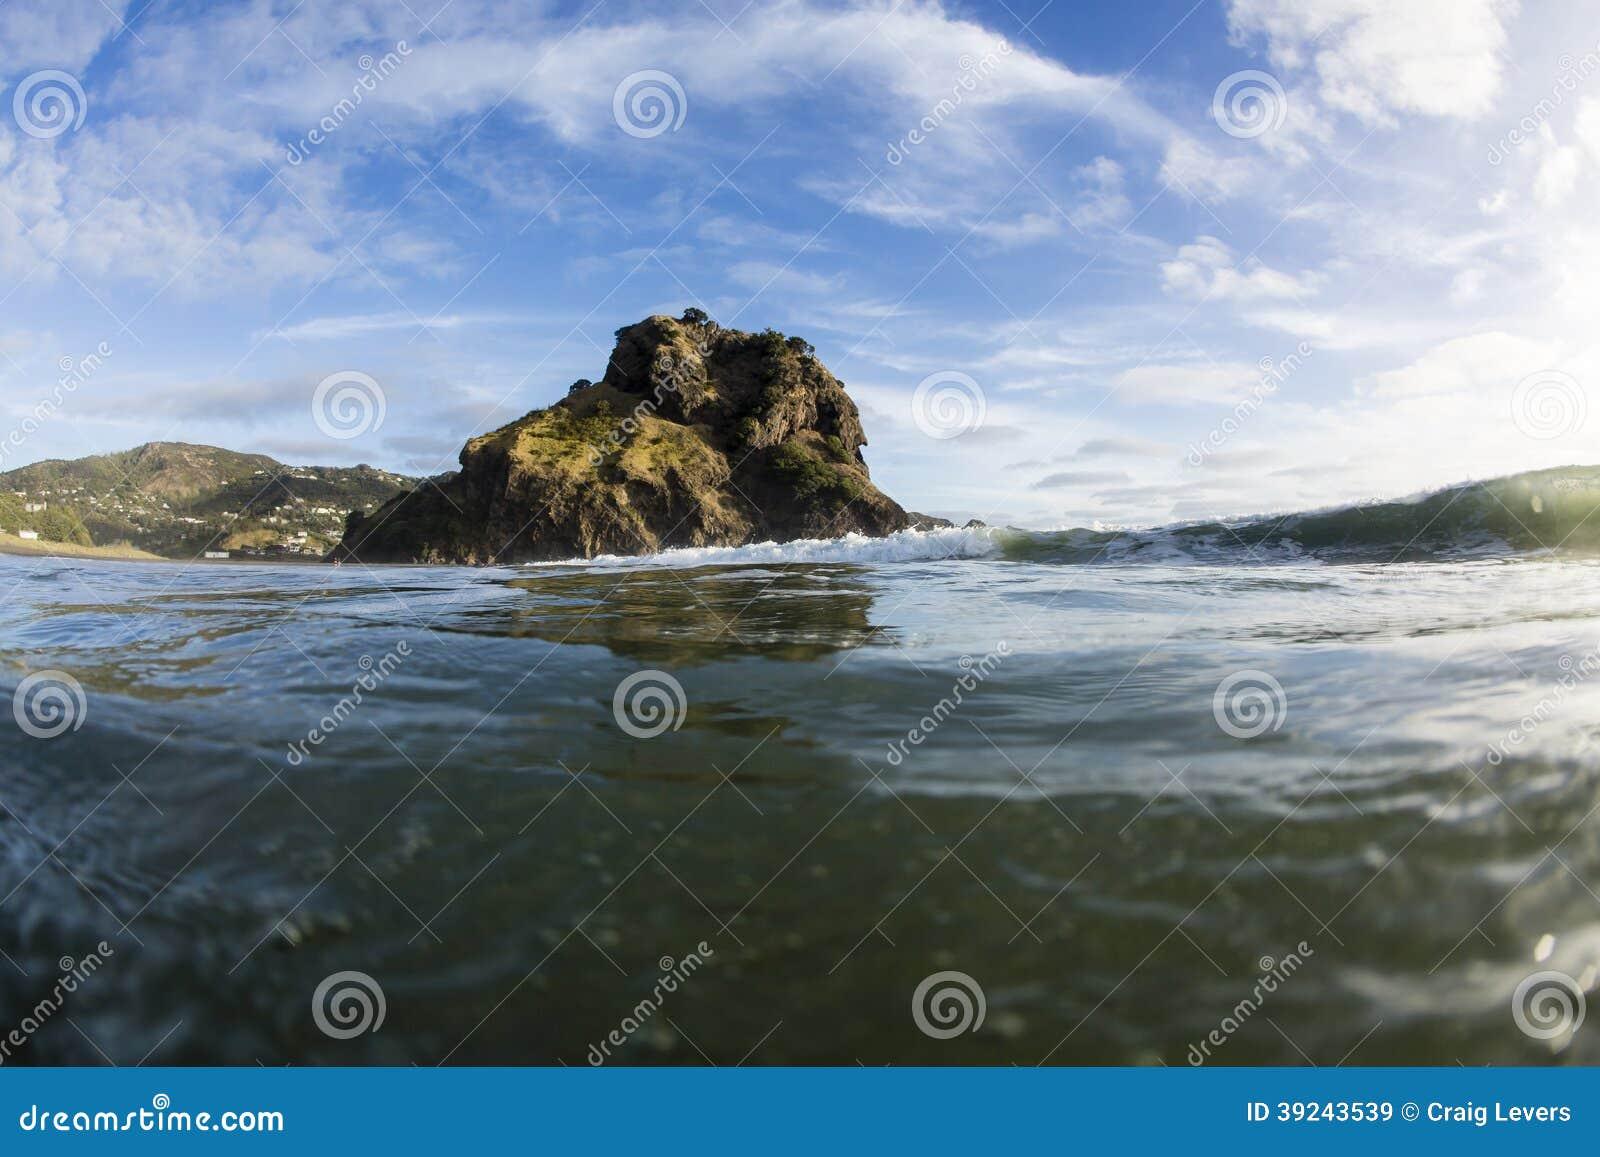 Lion Rock Wave,